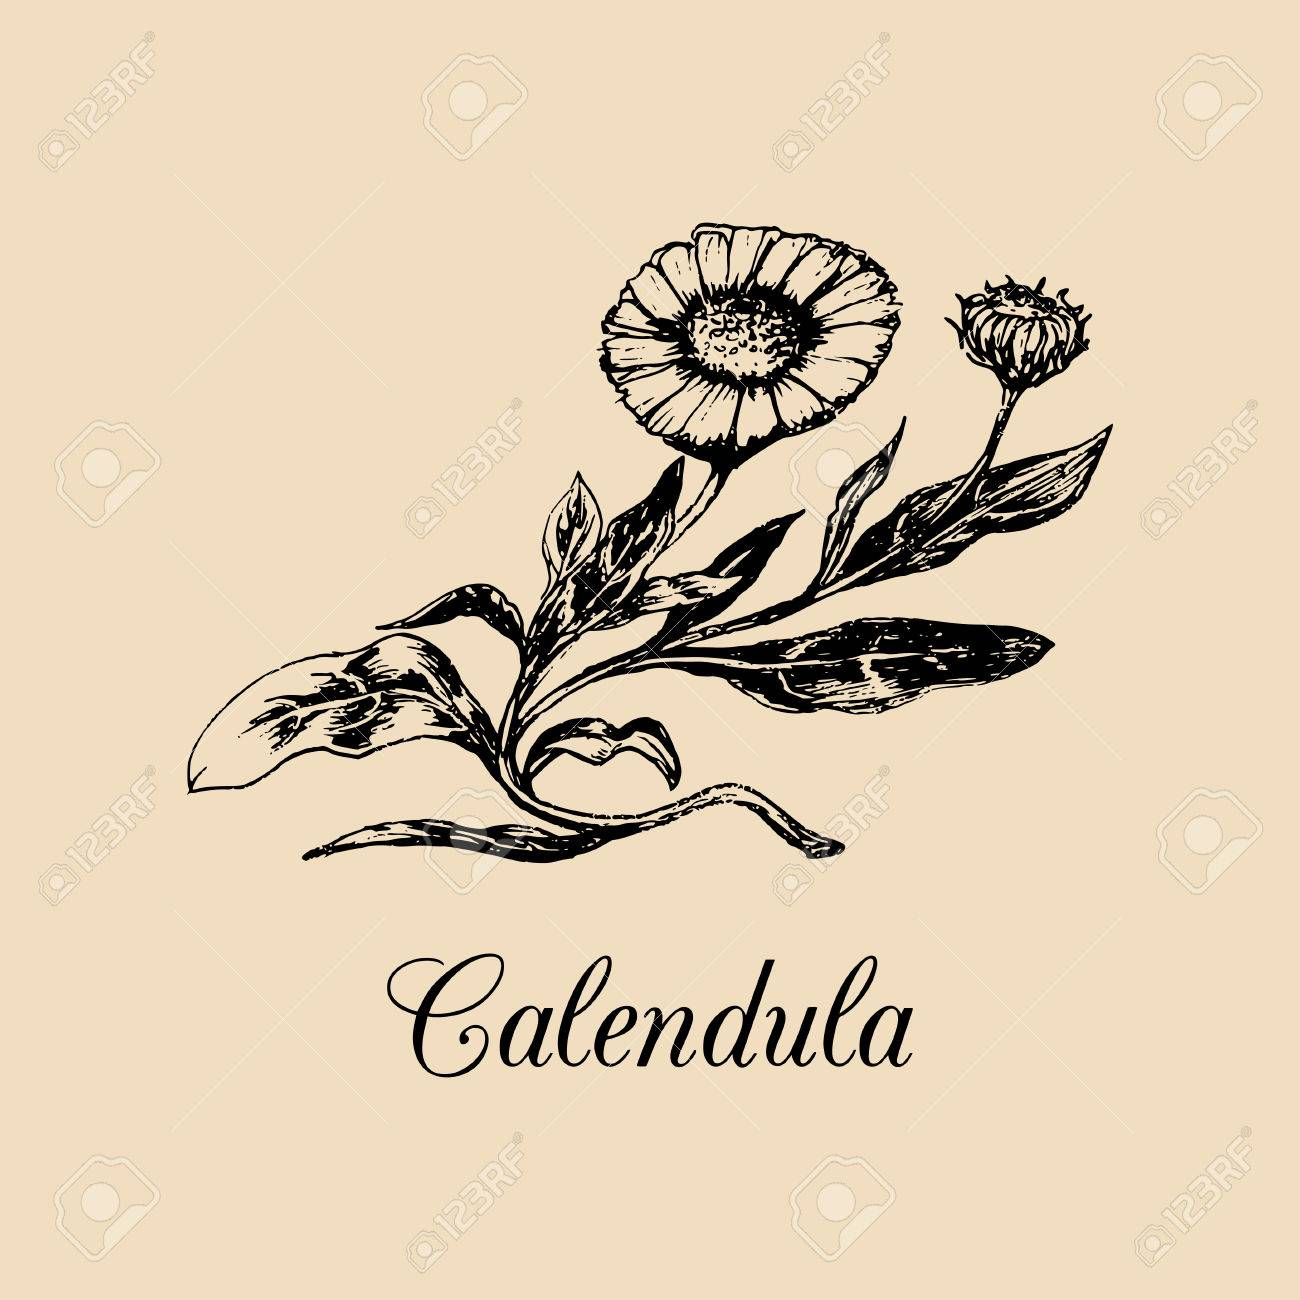 Illustration De Calendula Vectorielle Avec Des Fleurs Croquis